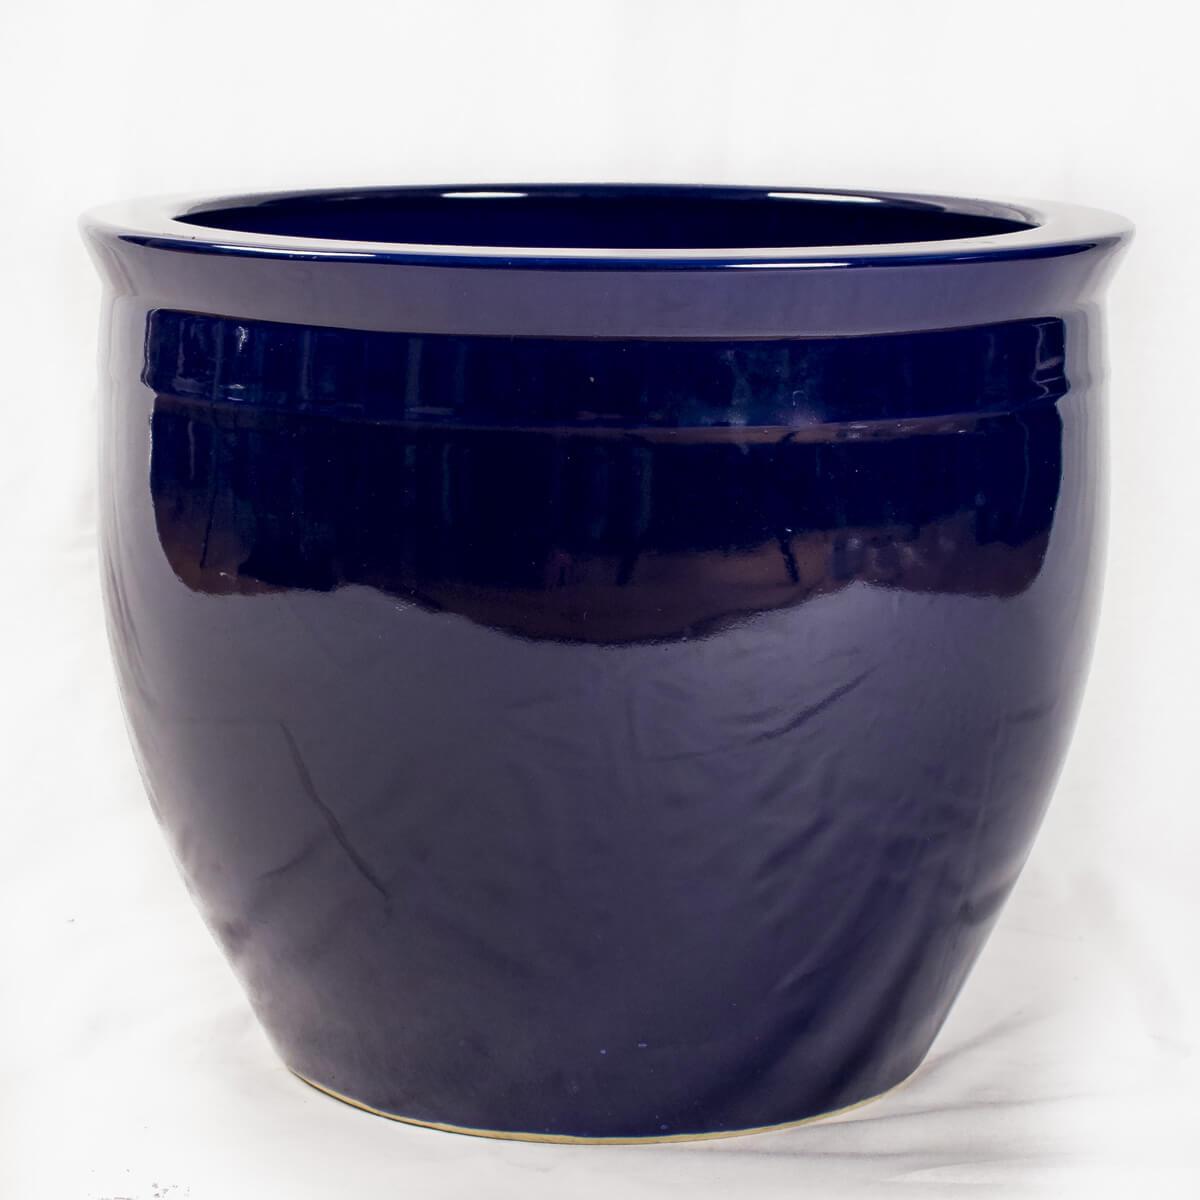 Caspo blu